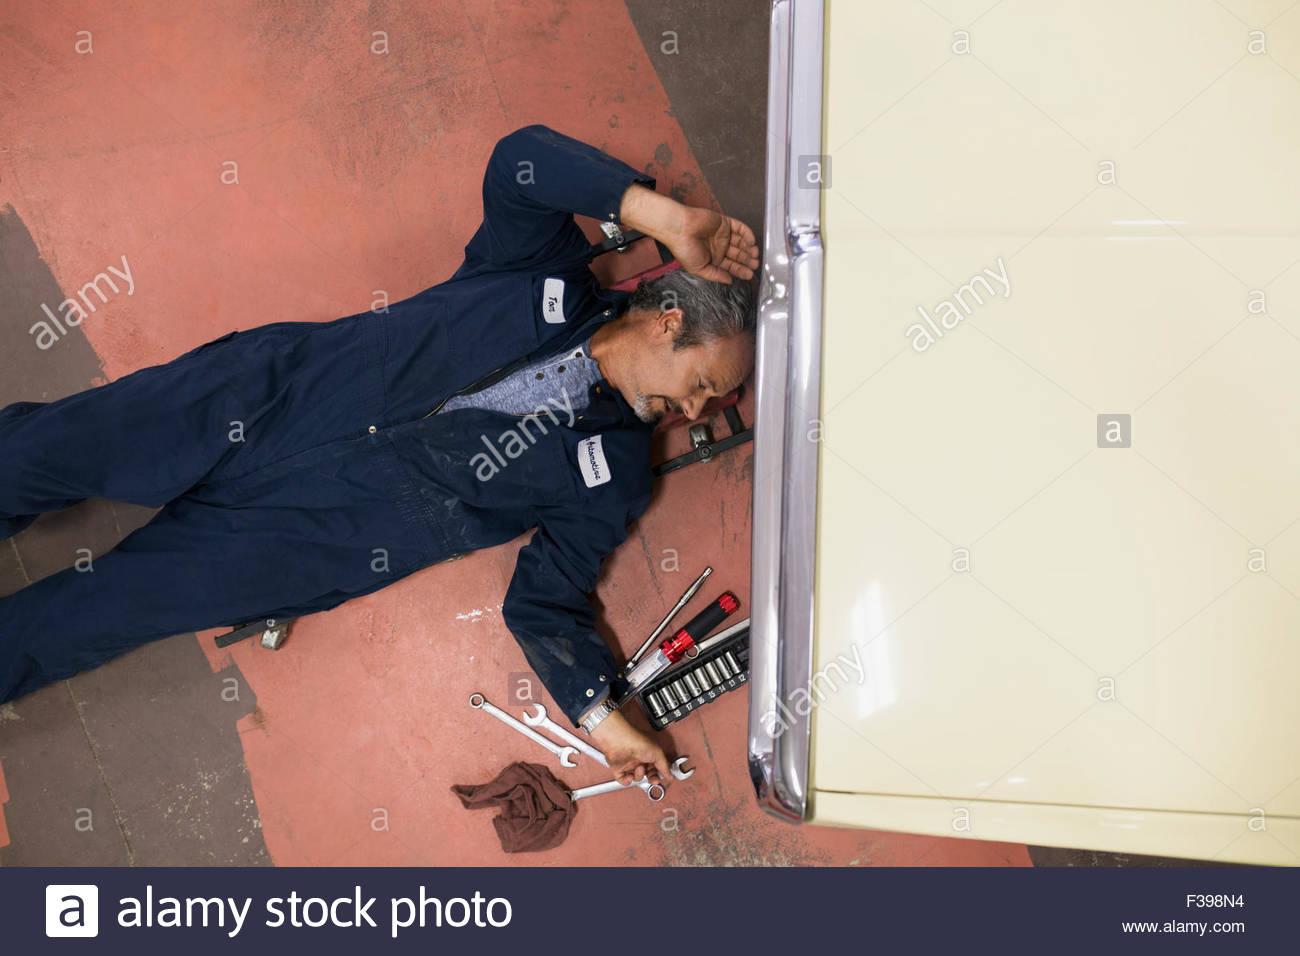 Draufsicht Mechaniker für Werkzeug unter dem Auto zu erreichen Stockbild